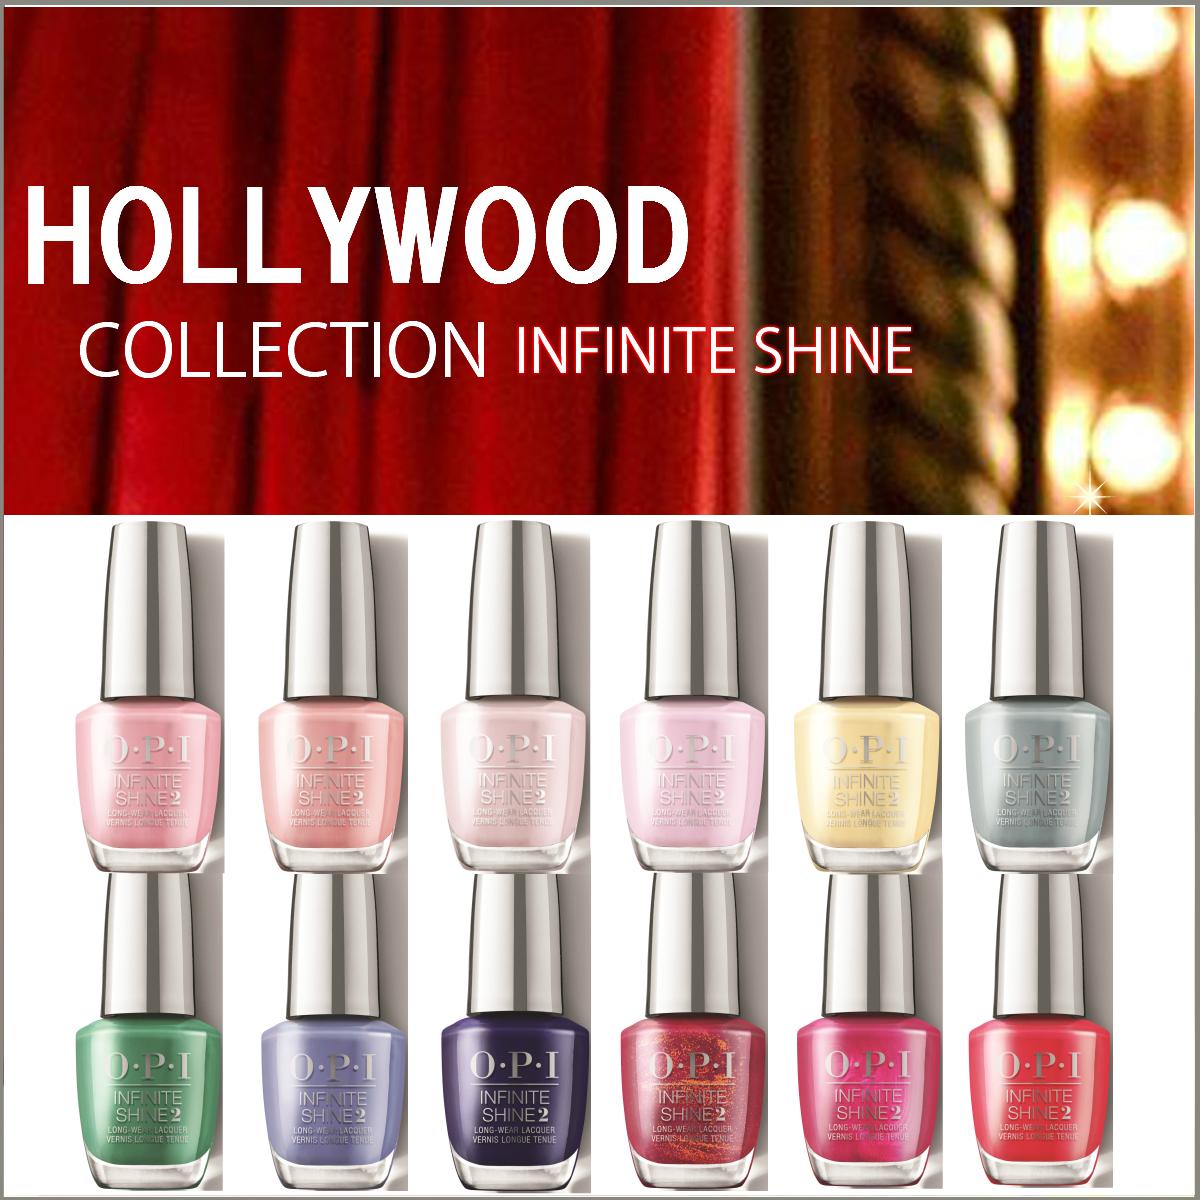 OPI INFINITE SHINE インフィニット シャイン Hollywood Collection by OPI ハリウッドコレクション 15ml ネイルカラー マニキュア 40周年記念